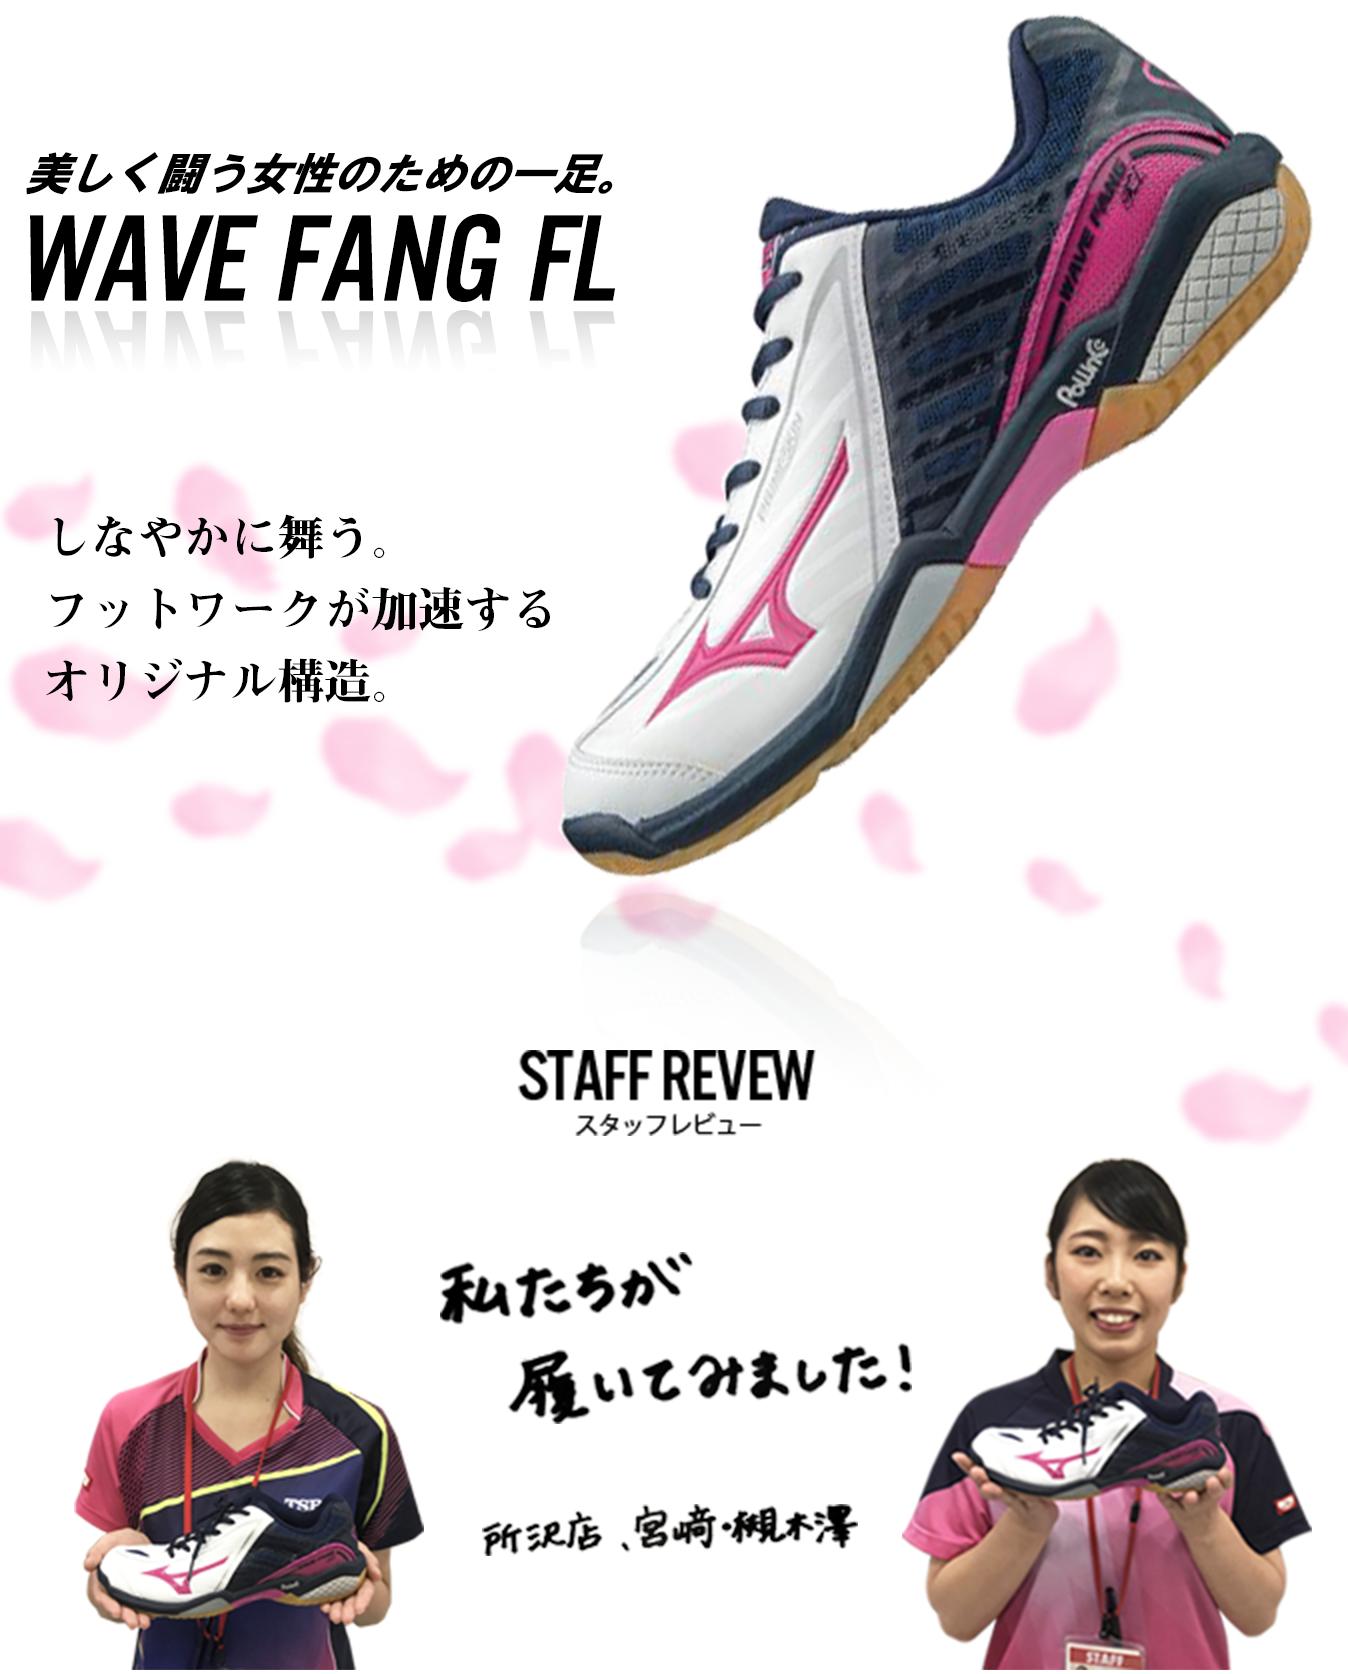 美しく闘う女性のための一足。WAVE FANGシリーズのウィメンズモデル。